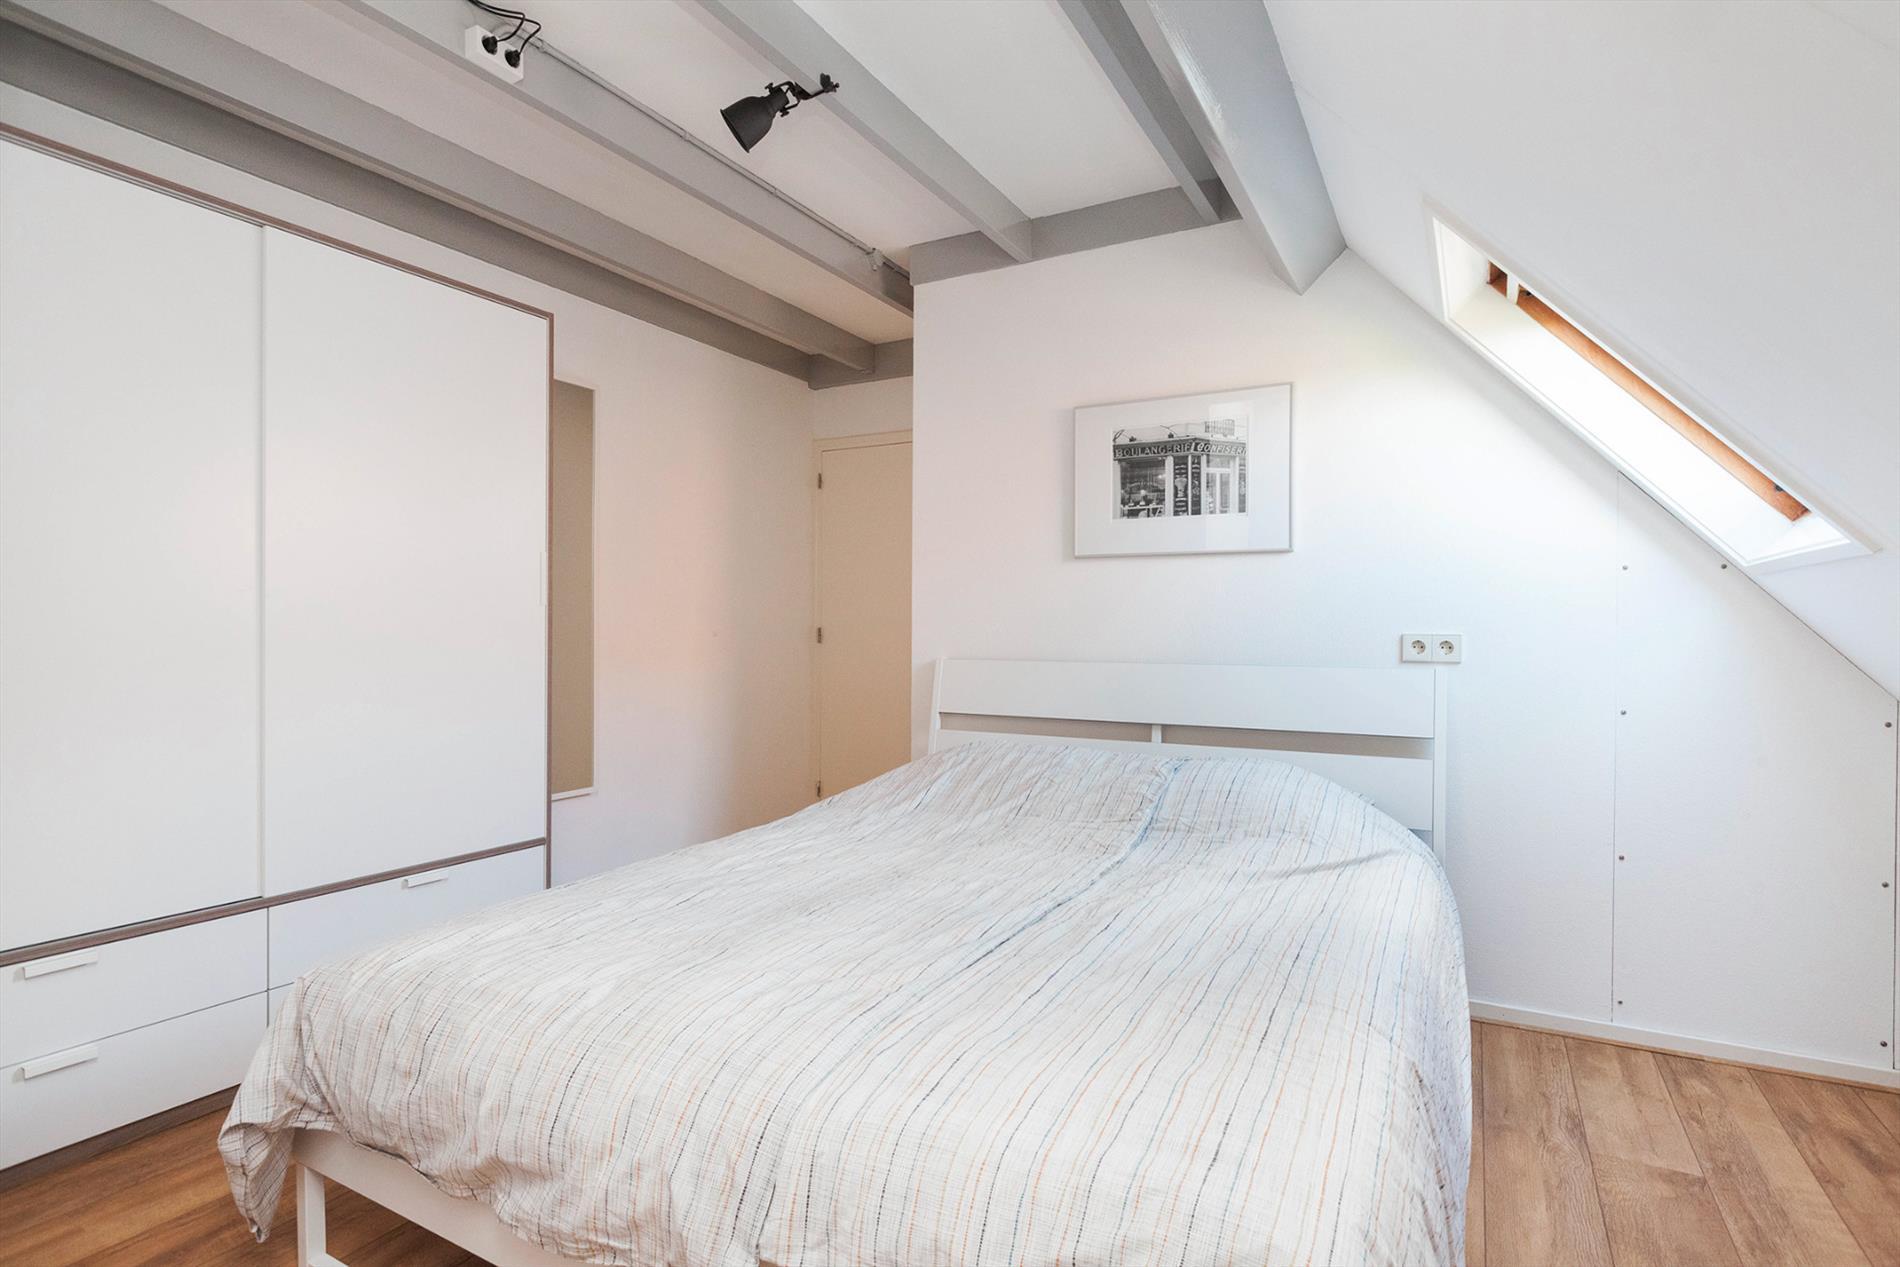 Brugstraat 4, 2969 AB Oud-Alblas - 04659875_11.jpg